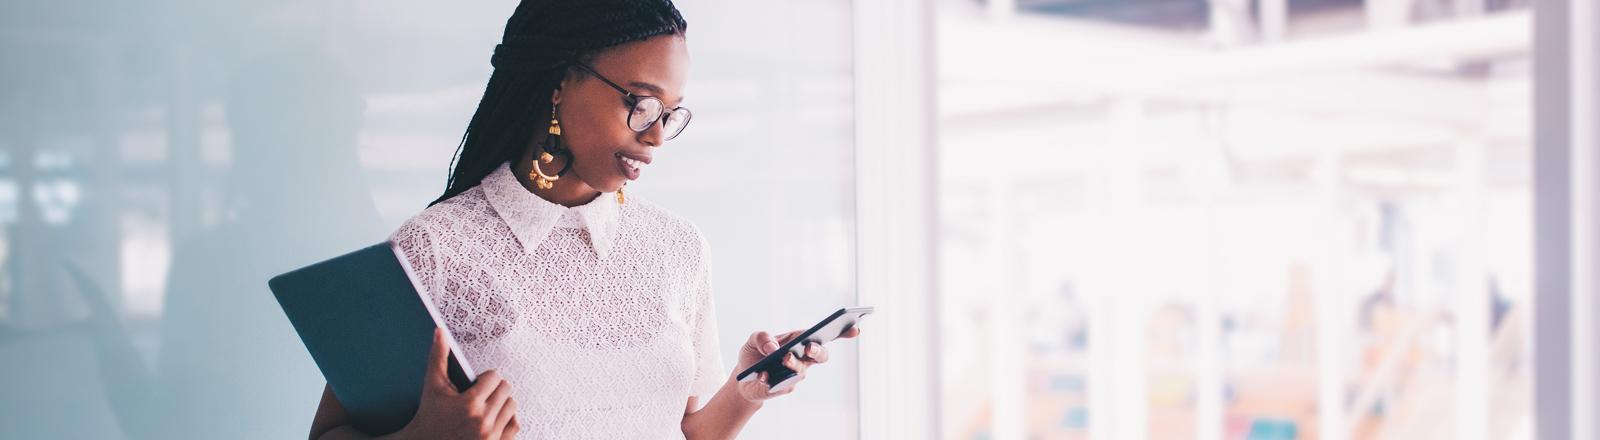 Eine junge Frau mit Smartphone im Business-Outfit